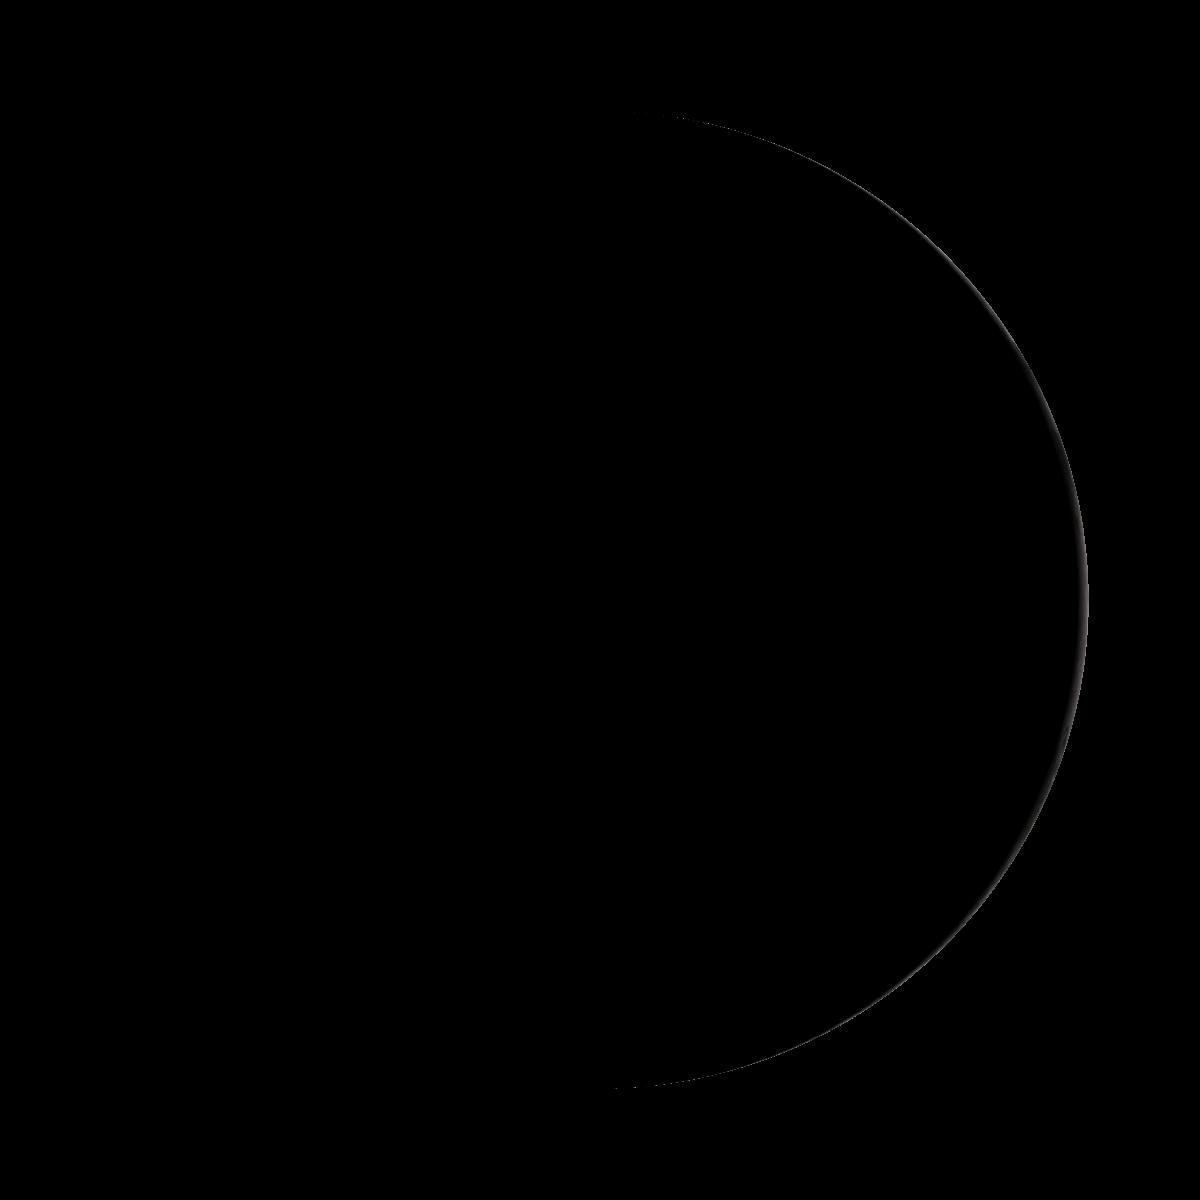 Lune du 29 octobre 2019